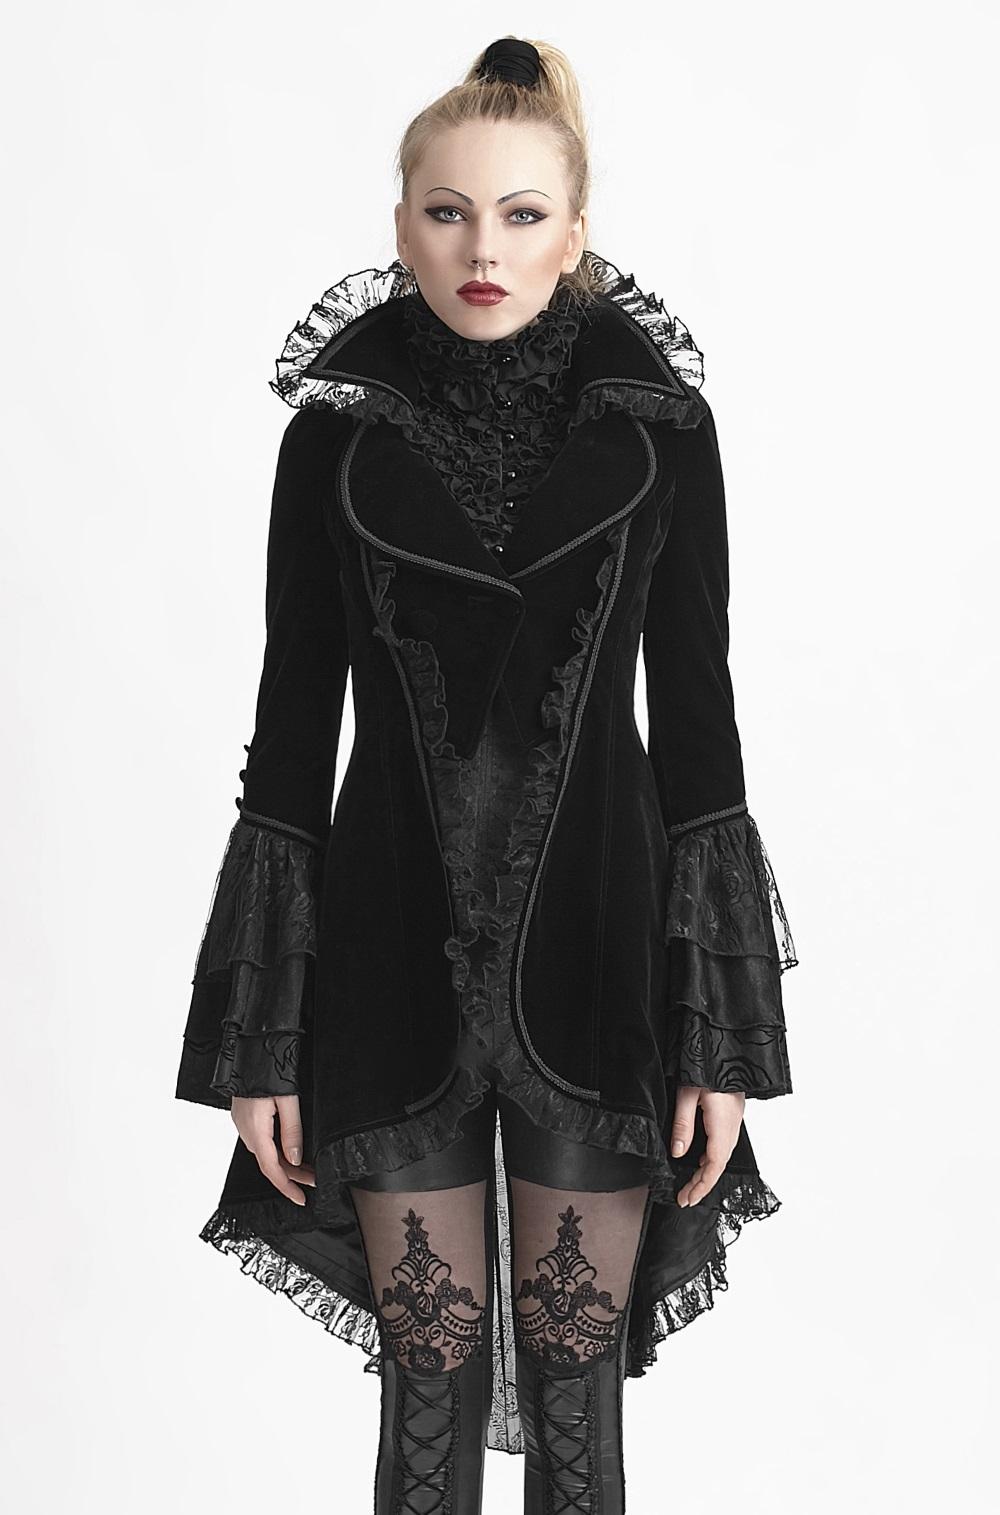 Veste gothique vampire femme punk rave en velours noir 6c10c89e7f4